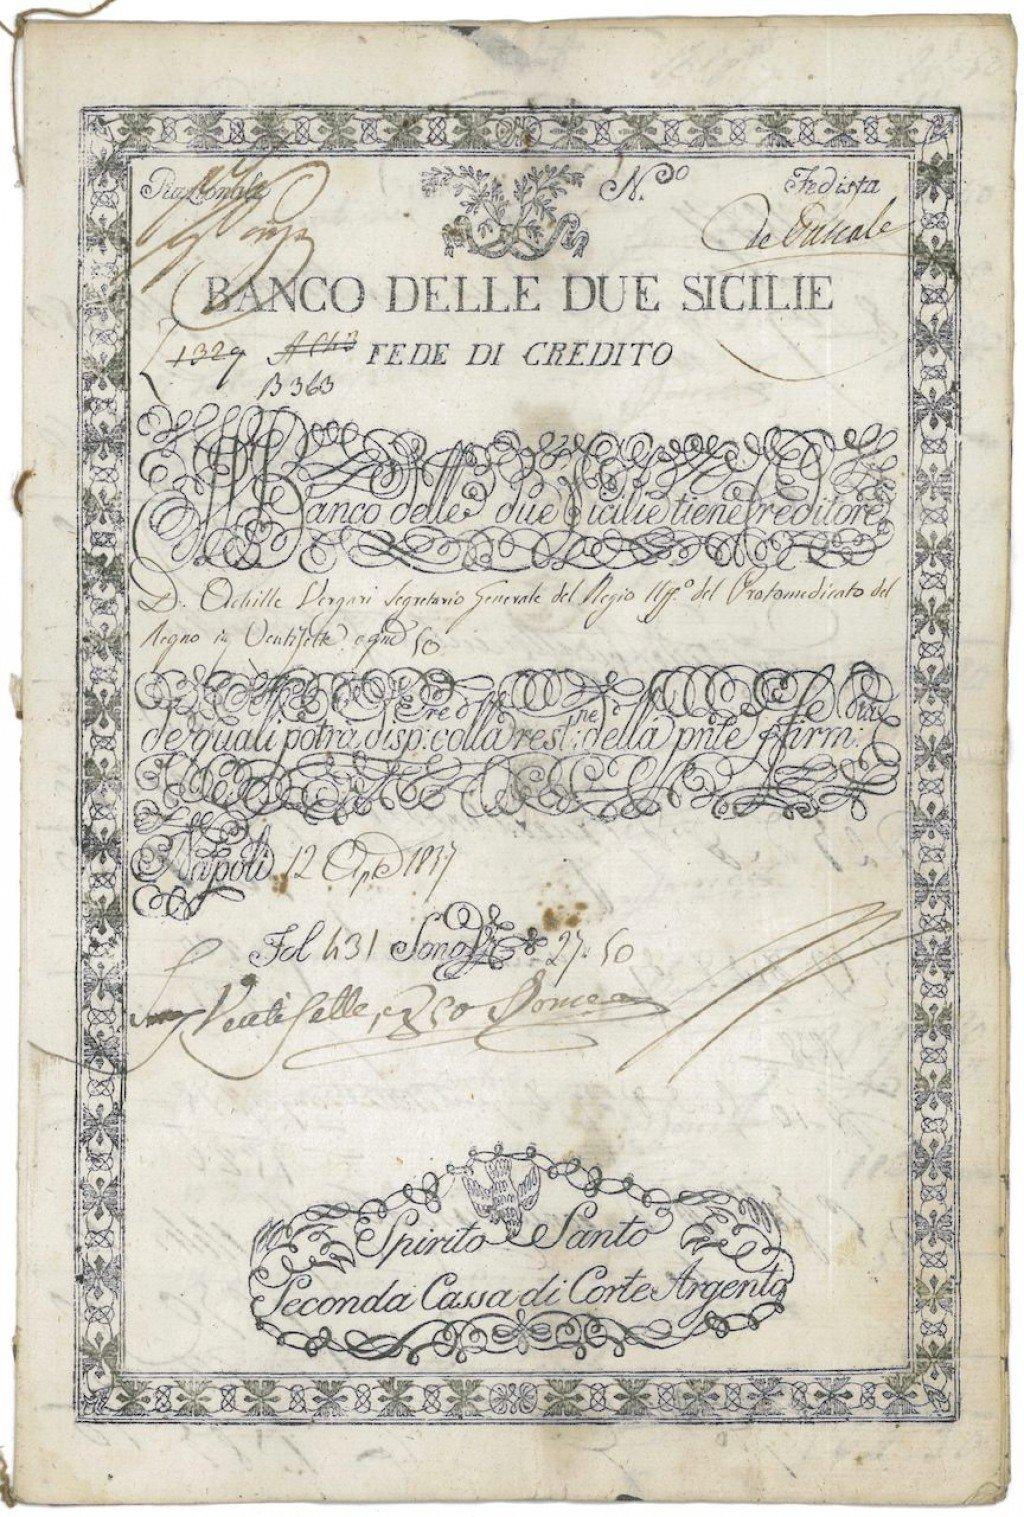 Azioni ed obbligazioni storiche in mostra a Palermo • Scripomarket